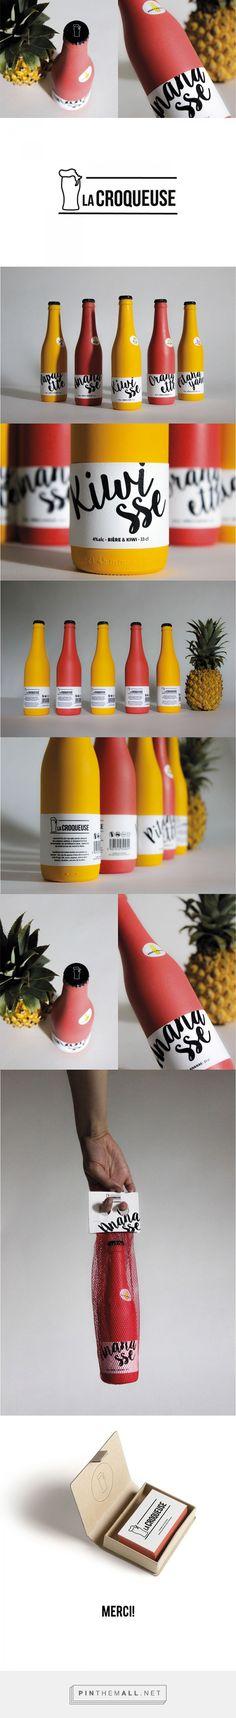 Bière la Croqueuse - Édition limitée by Annédith Lacharité  Plus de découvertes sur Le Blog des Tendances.fr #tendance #packaging #blogueur